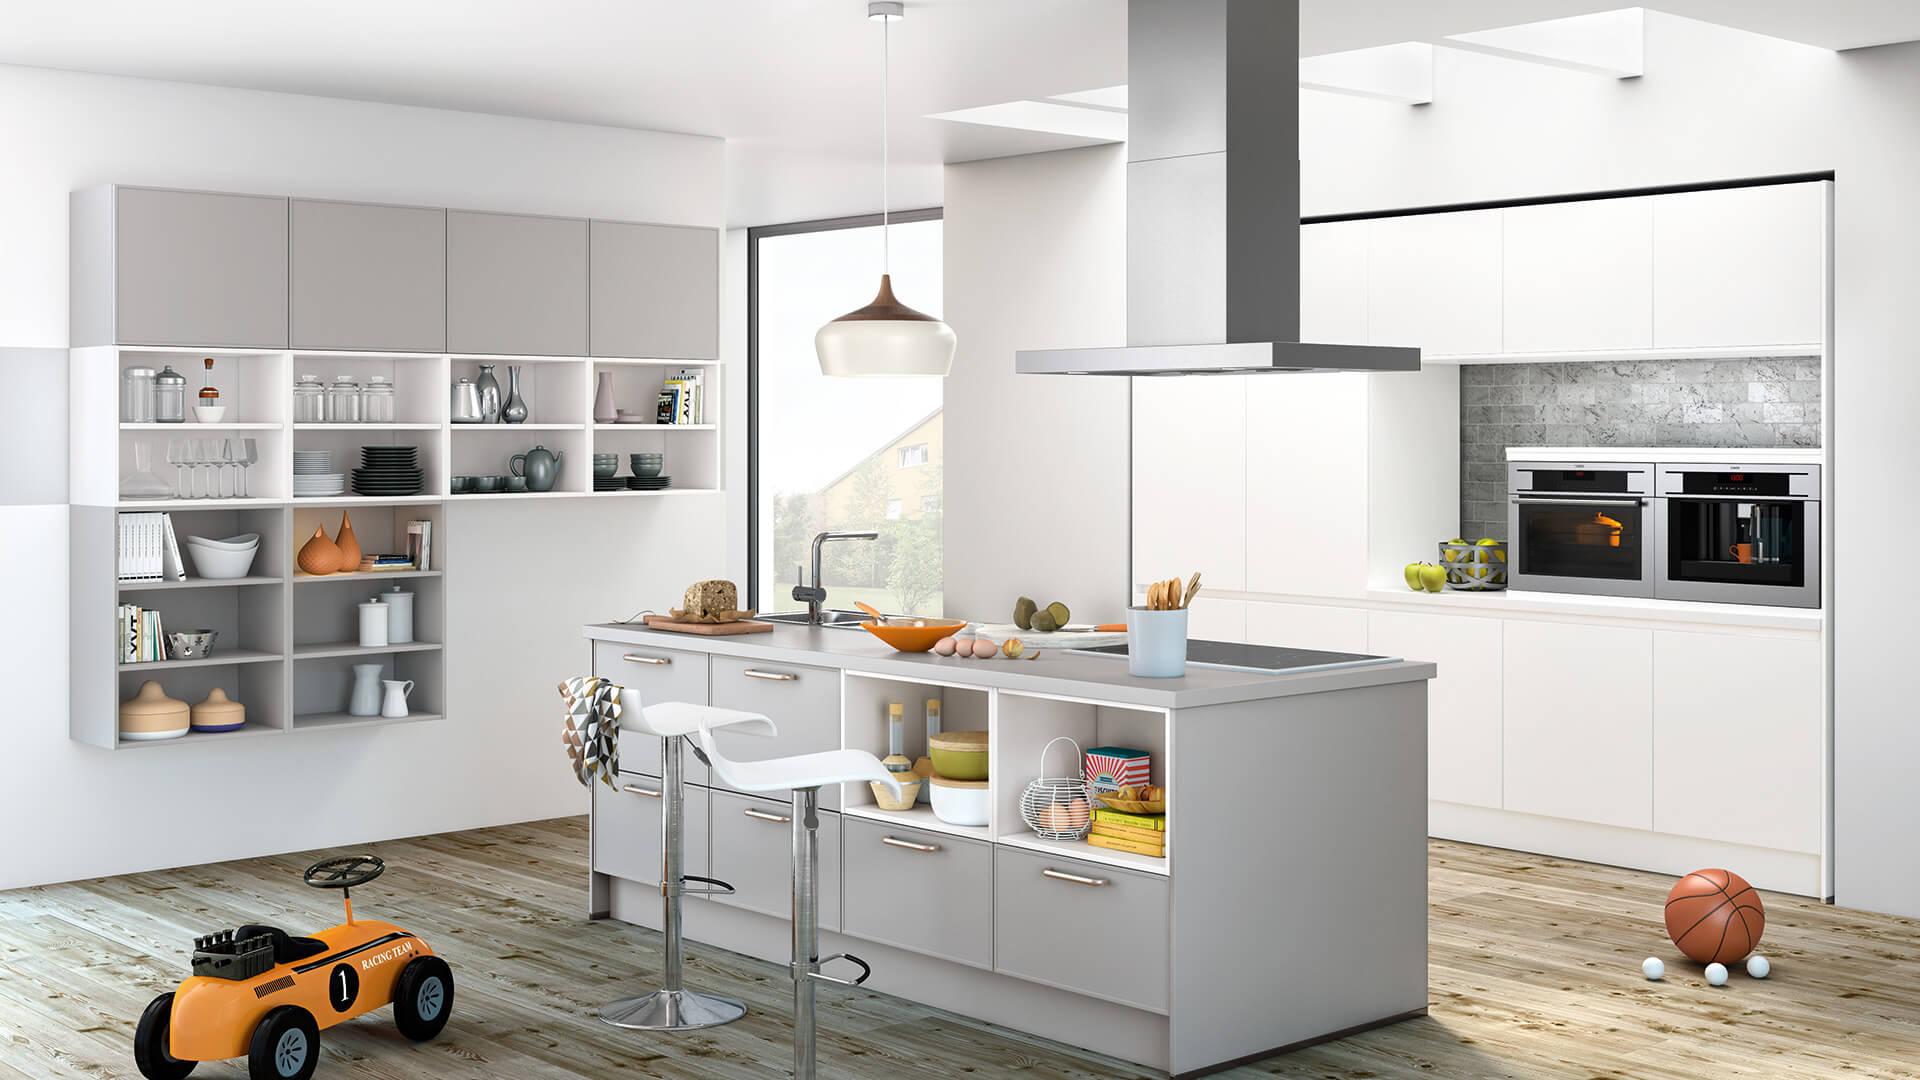 Küchen Ruberg – Ihr Küchen-Meisterbetrieb aus Leer in Ostfriesland